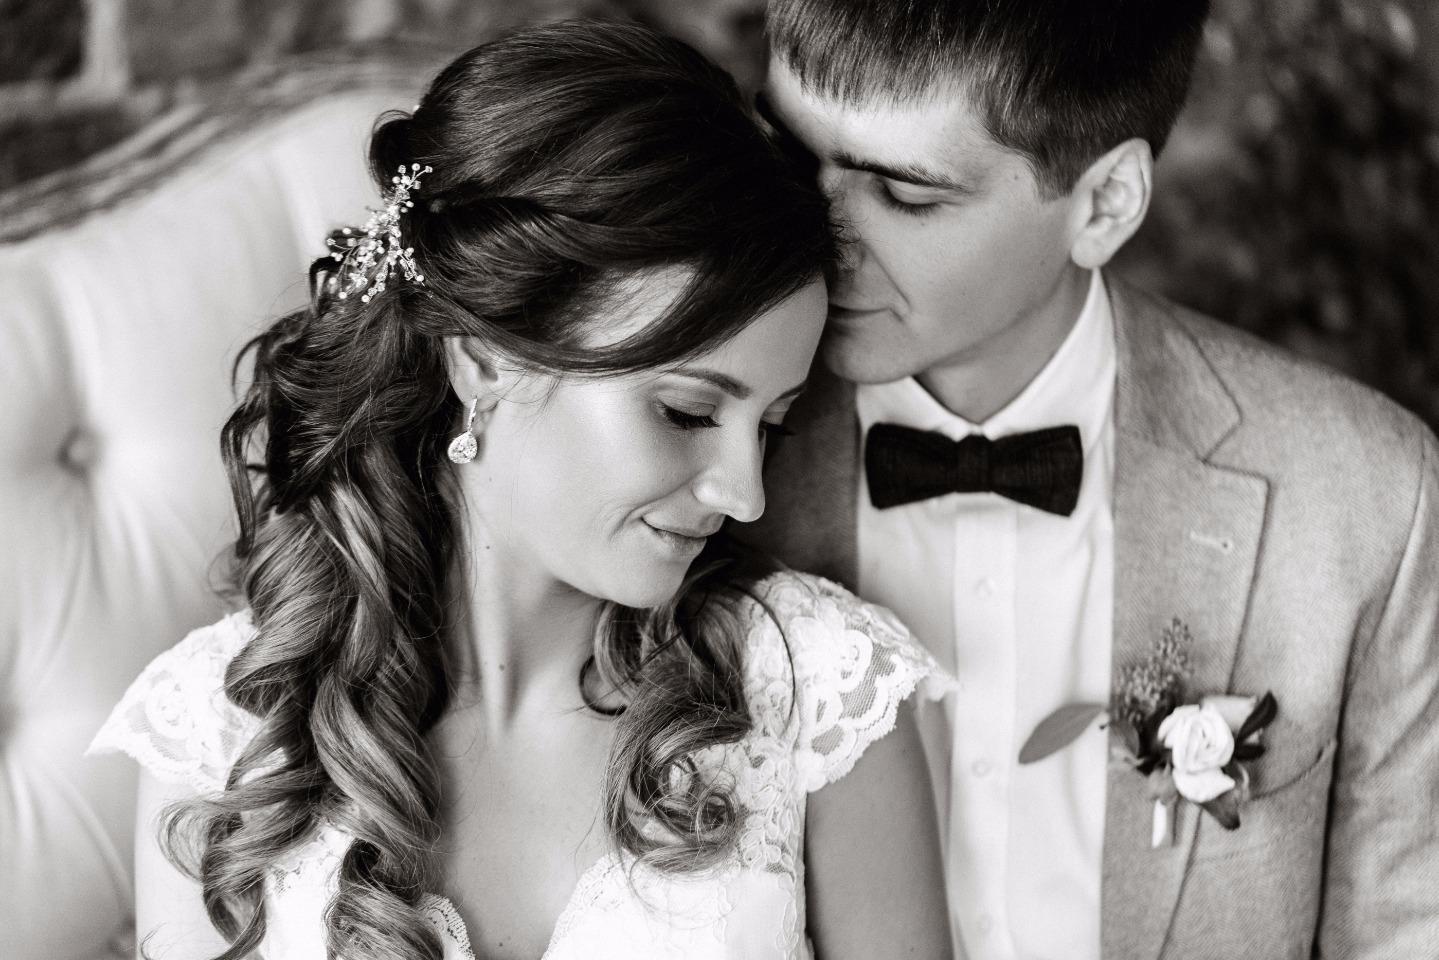 Холодное лето и теплые чувства: свадьба в стиле уют